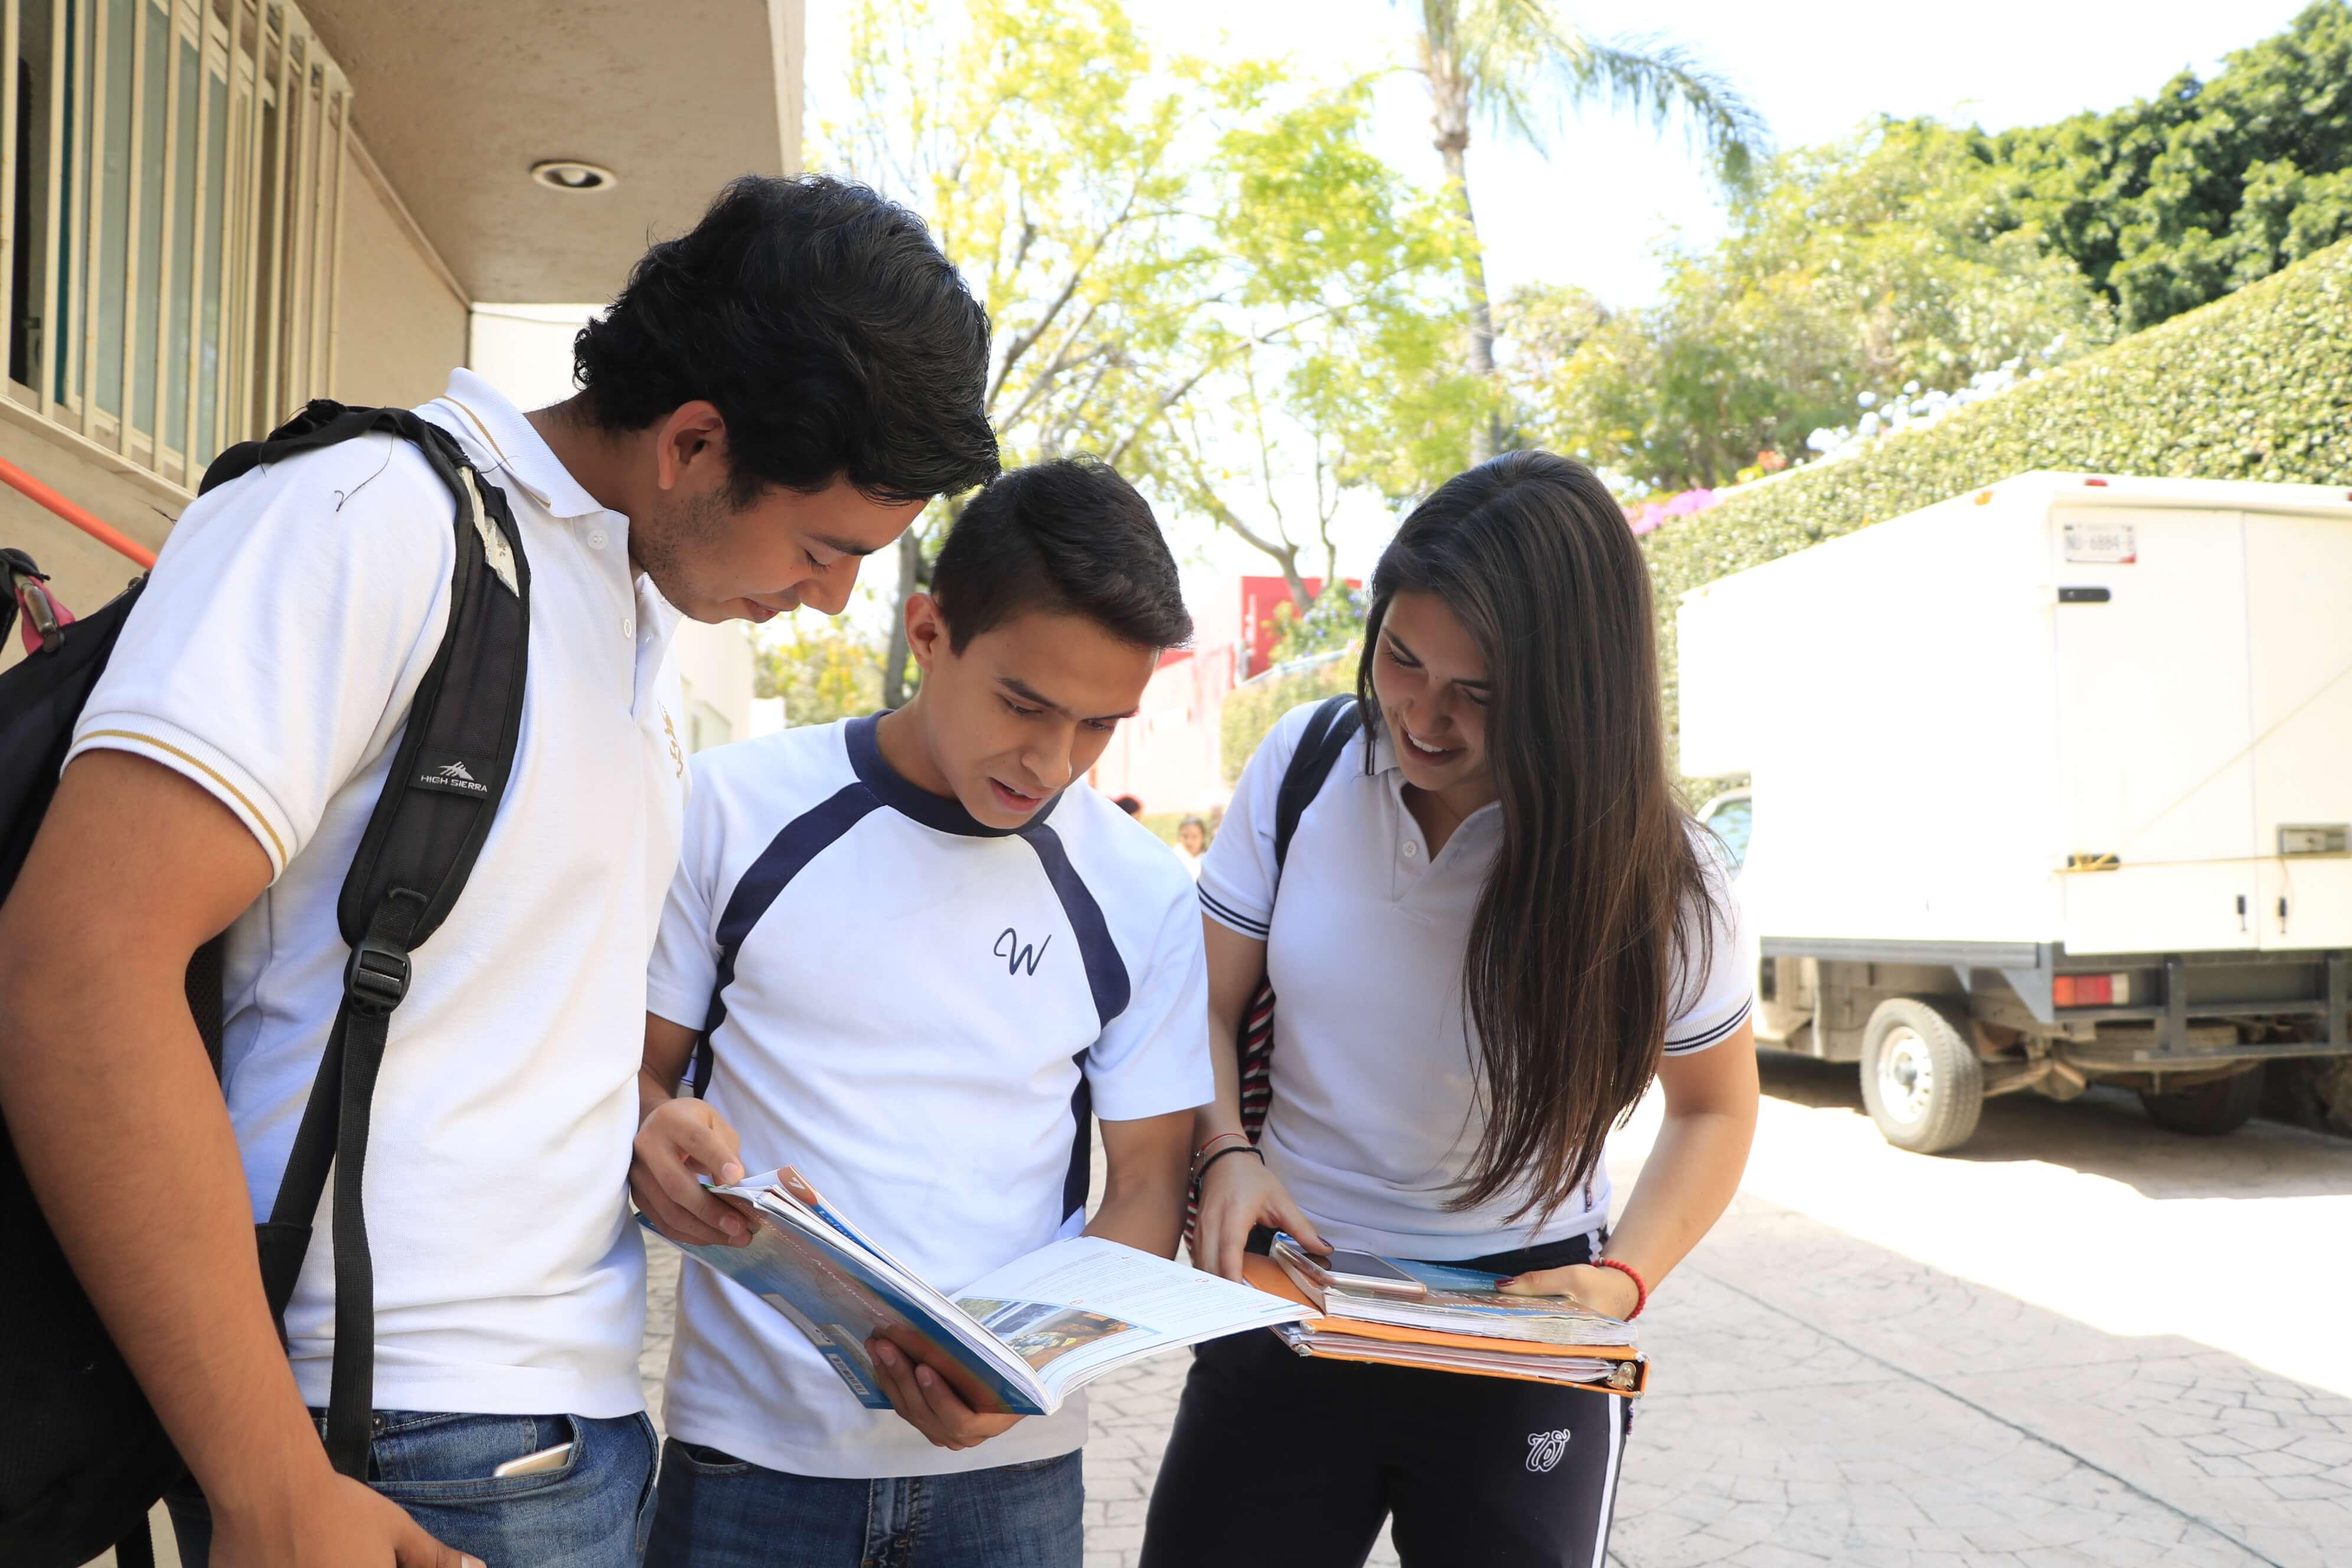 Blog-Imagen-por-que-estudiar-prepa-colegio-williams-cuernavaca-educacion-aprendizaje-practico-Colegio-Williams-de-Cuernavaca-Ago20